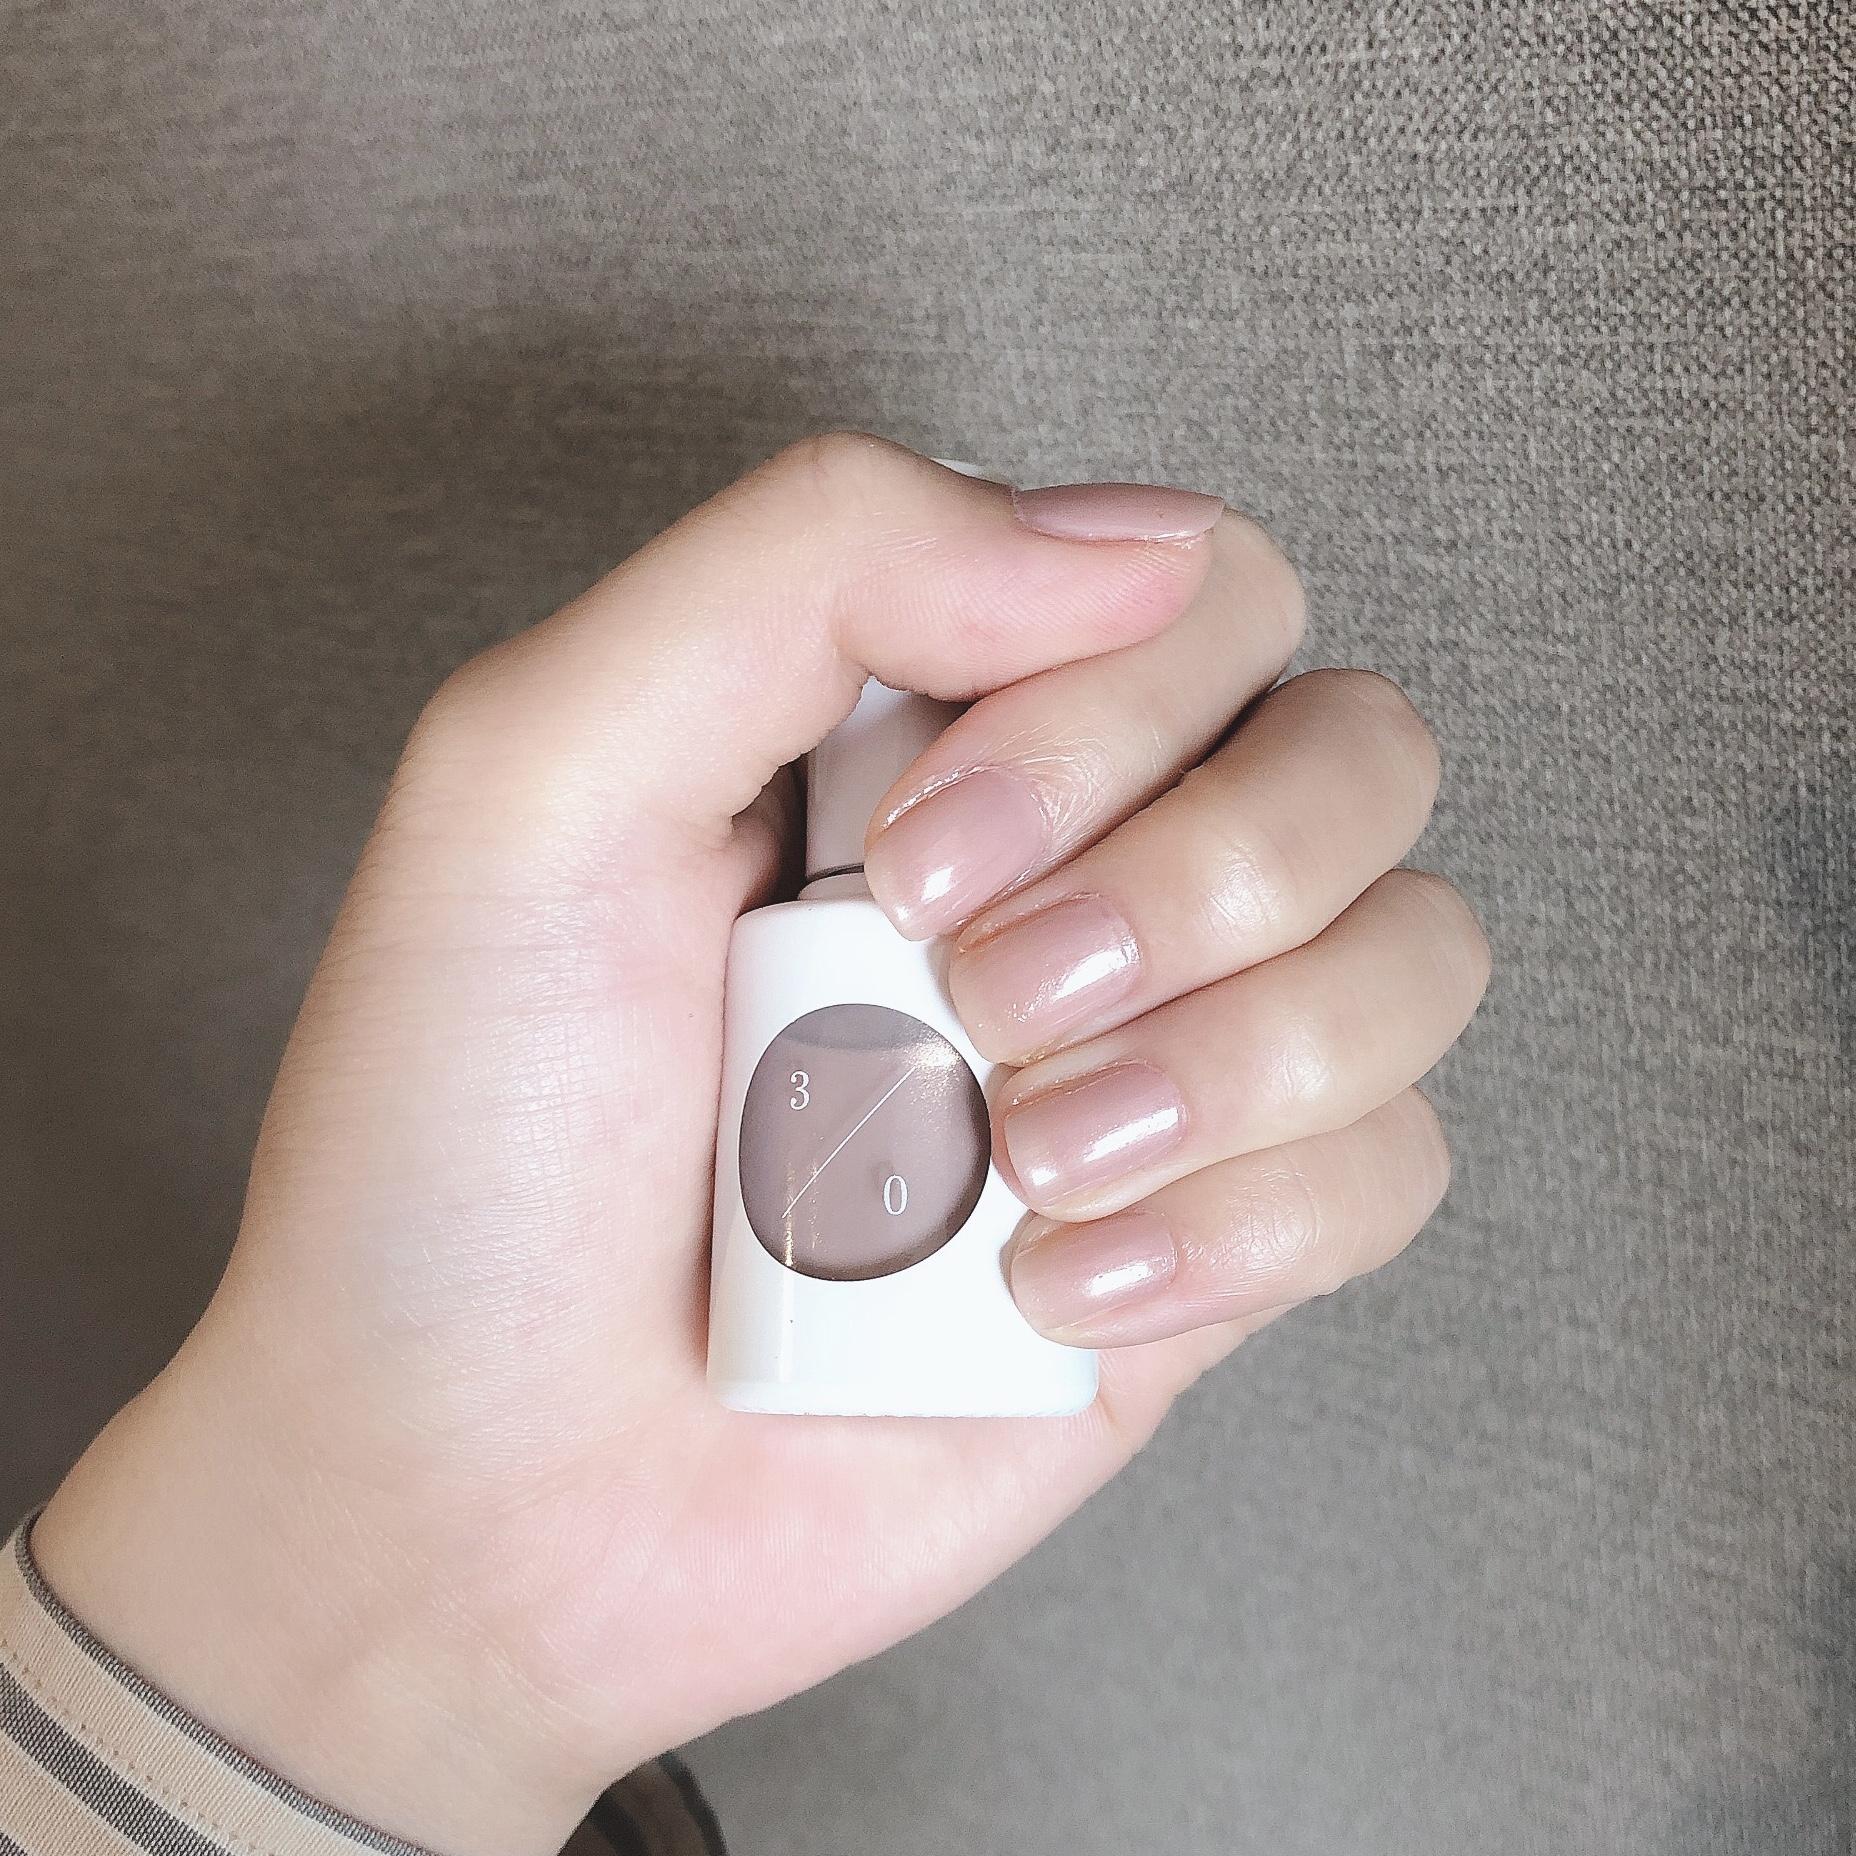 【ネイルケア】すっぴんの爪を美しく。甘皮処理で指長効果バツグン_5